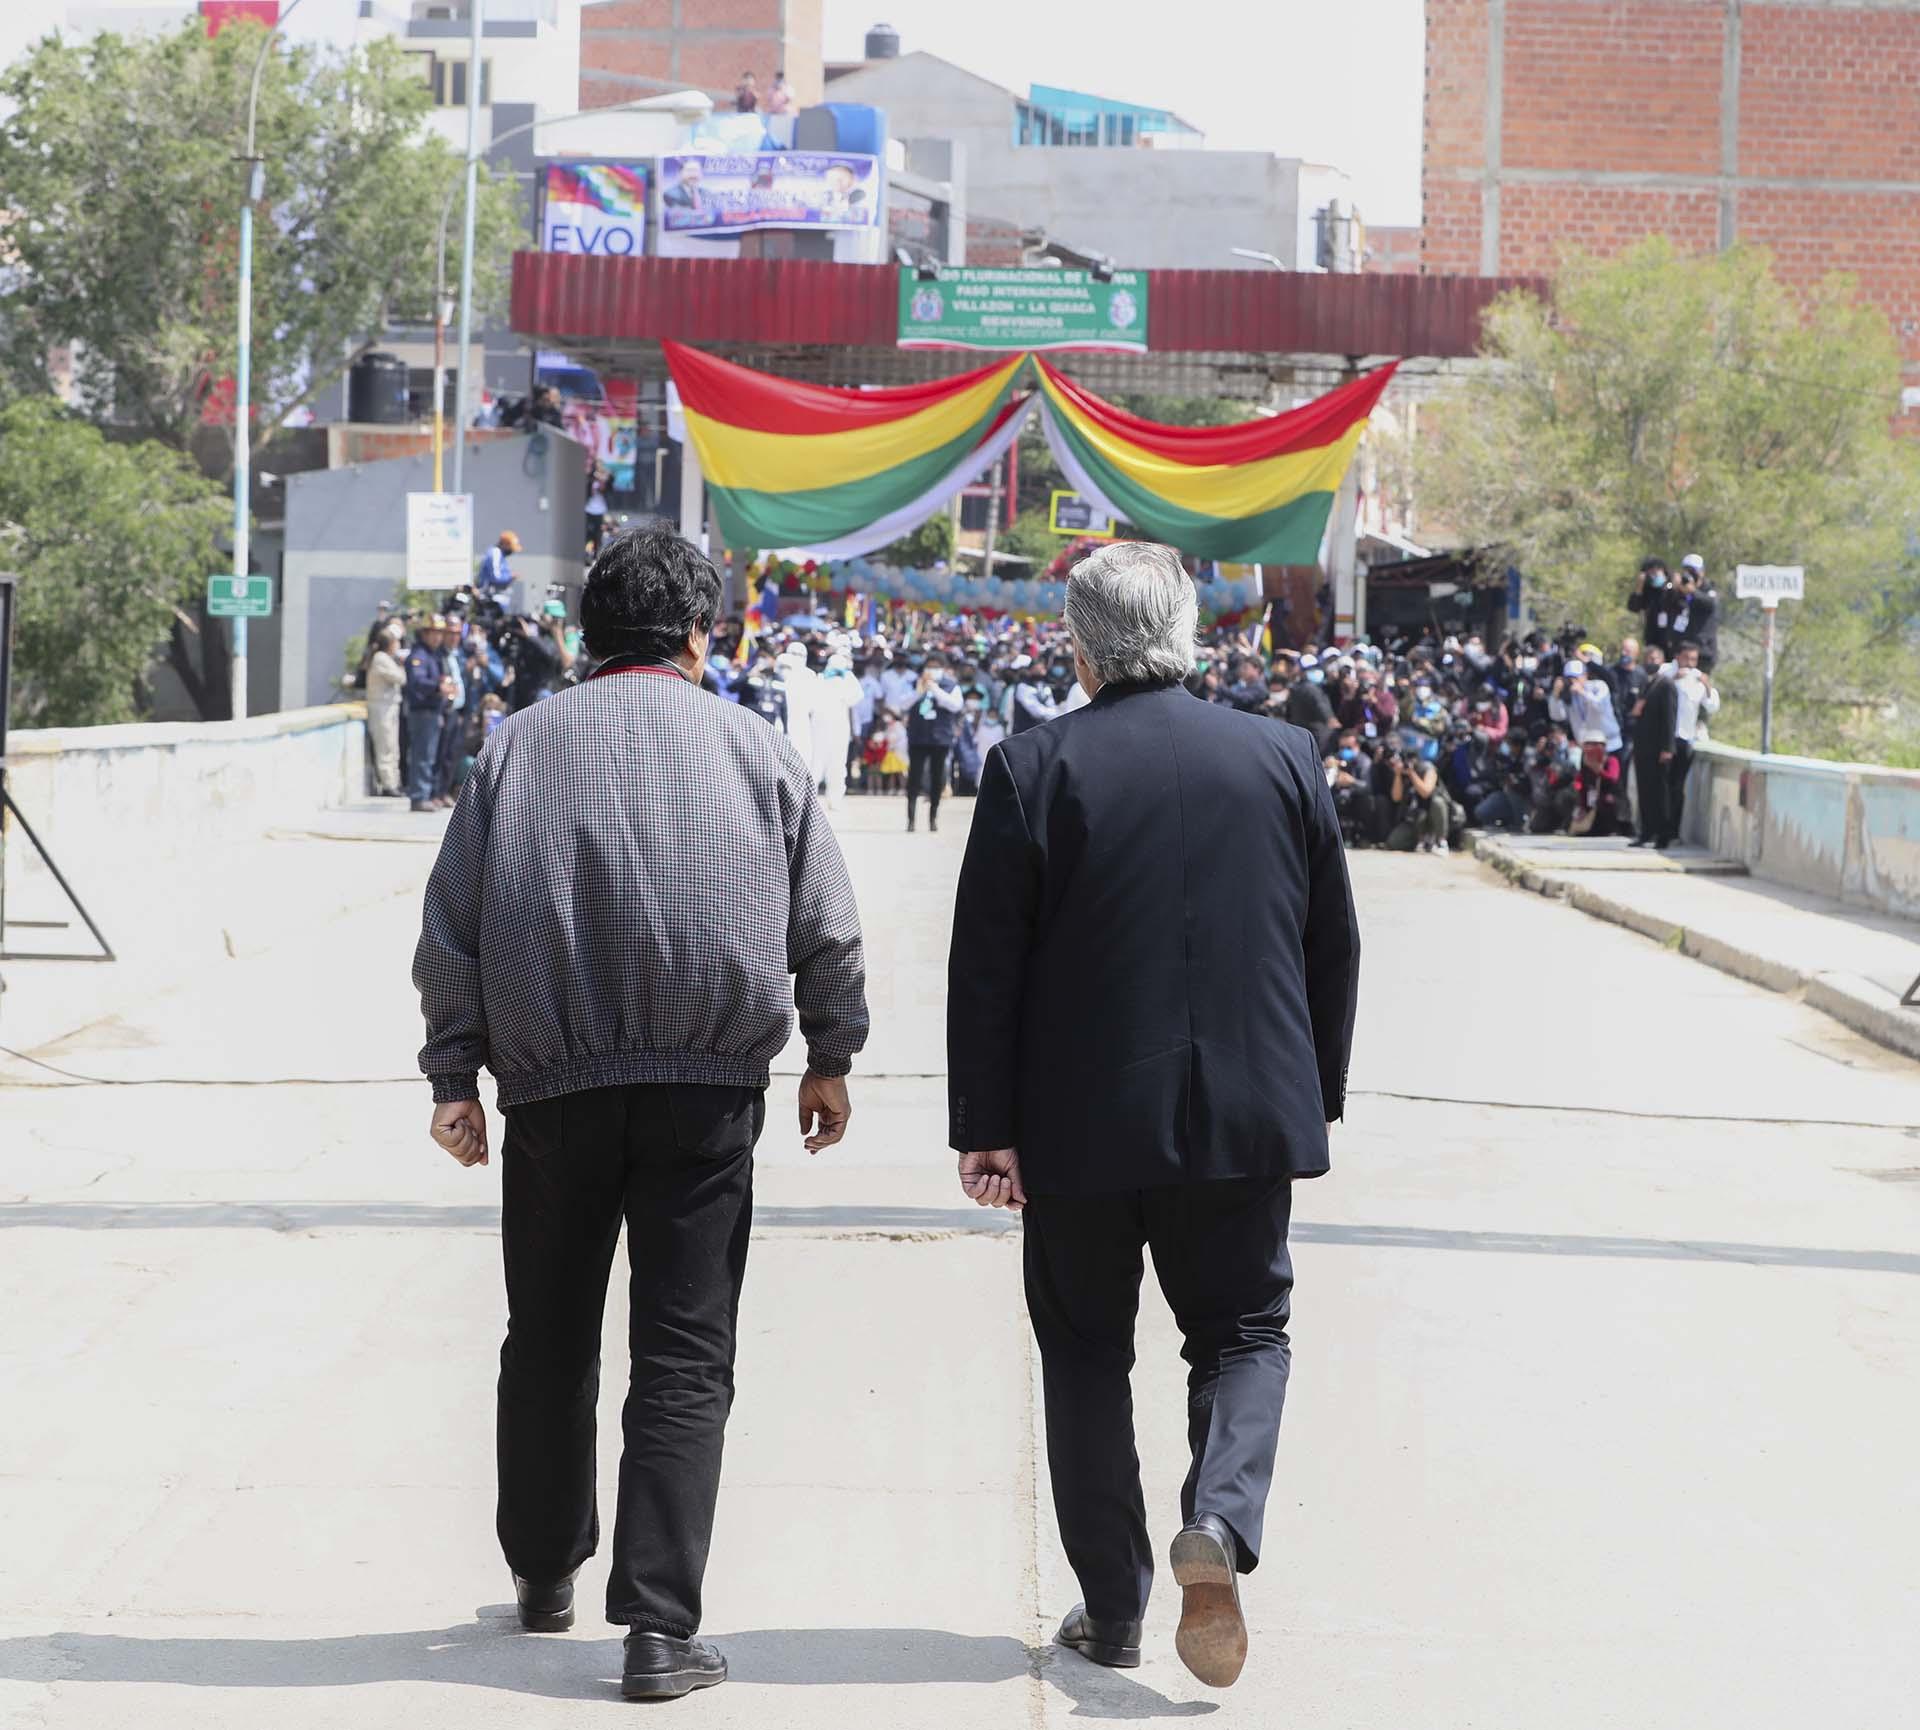 El presidente Alberto Fernández acompañó, junto a una comitiva compuesta por otros funcionarios, acompañó la mañana del 9 de noviembre al ex mandatario boliviano, Evo Morales, en su regreso al país vecino a través del Paso Internacional La Quiaca, en la provincia de Jujuy